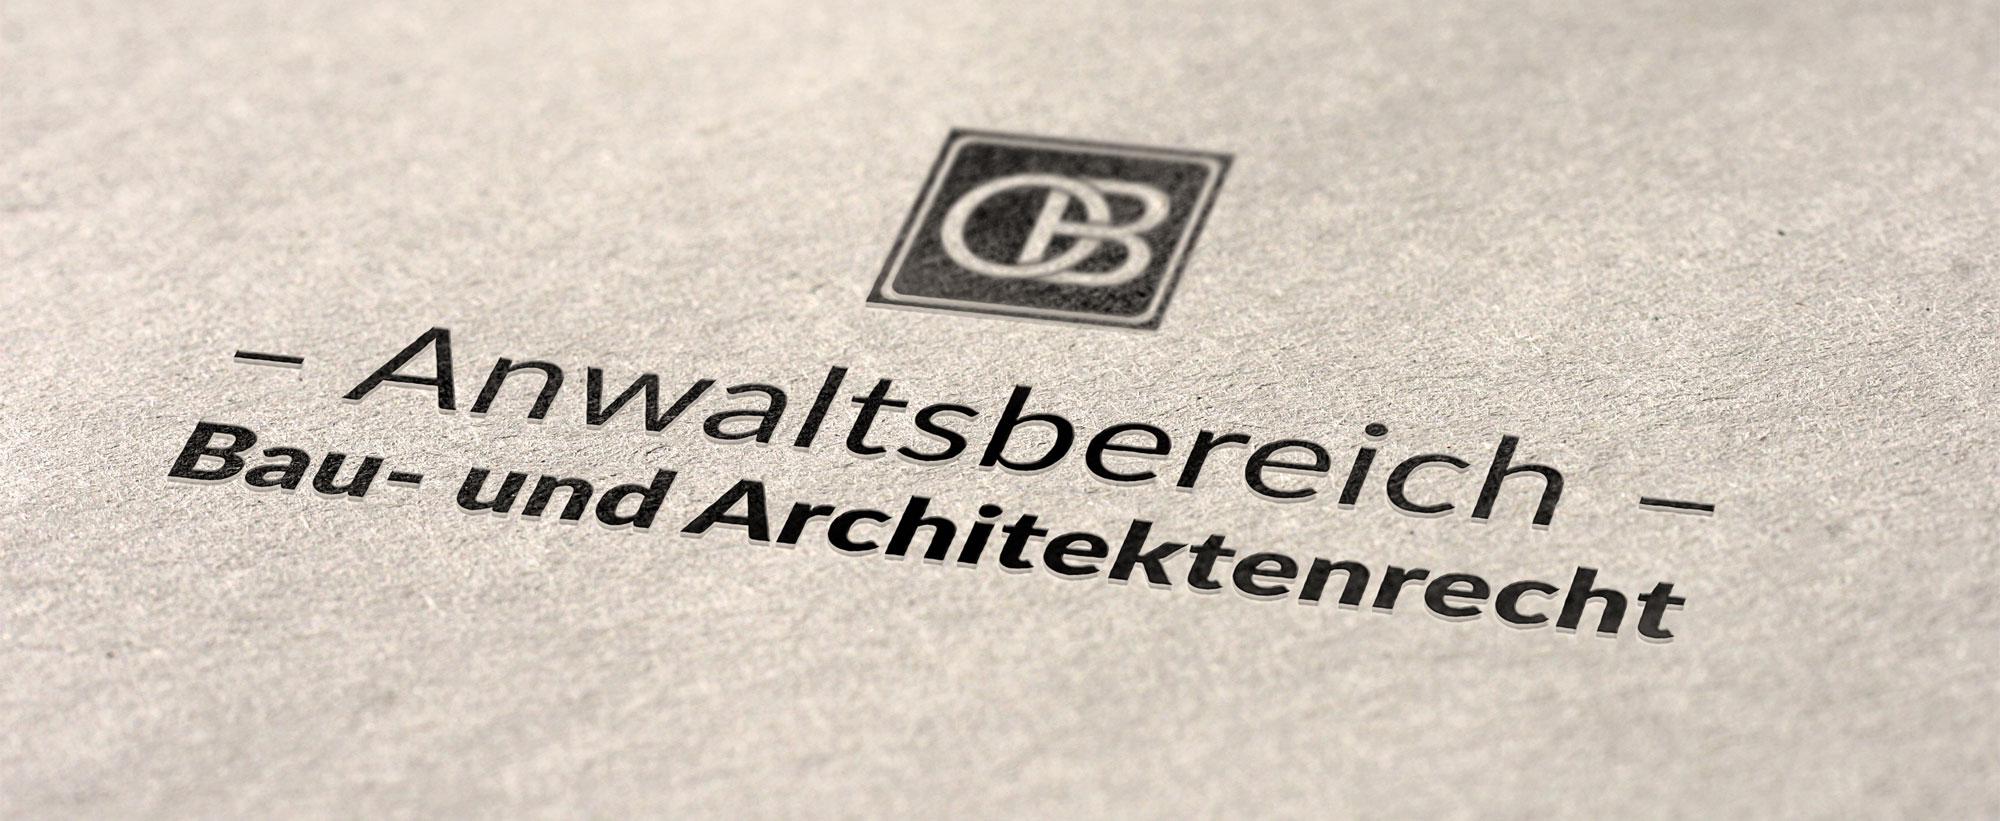 Teaser Anwaltsbereich Bau-und Architektenrecht